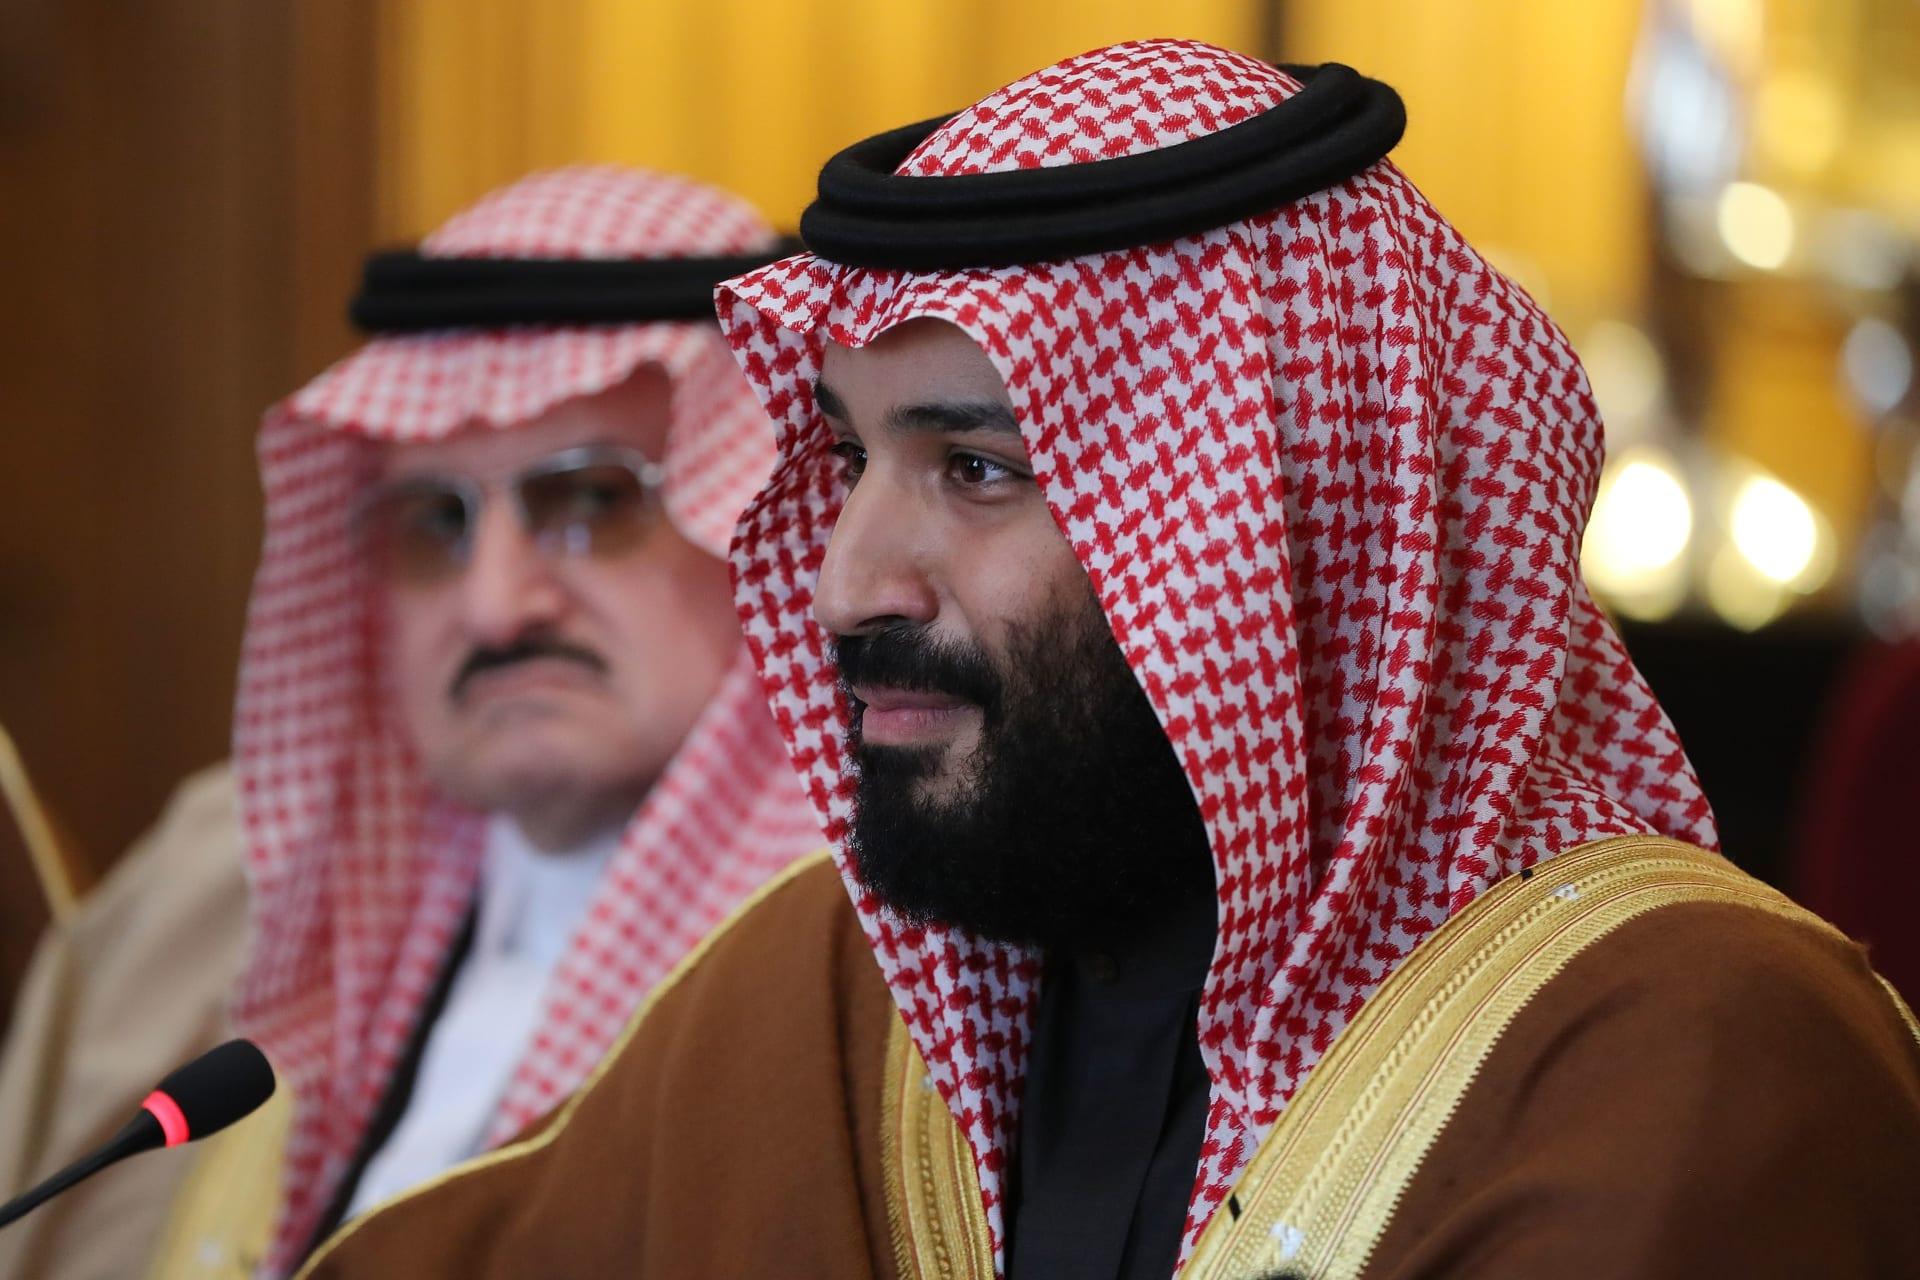 ولي العهد السعودي يلتقي ترامب في 20مارس بواشنطن